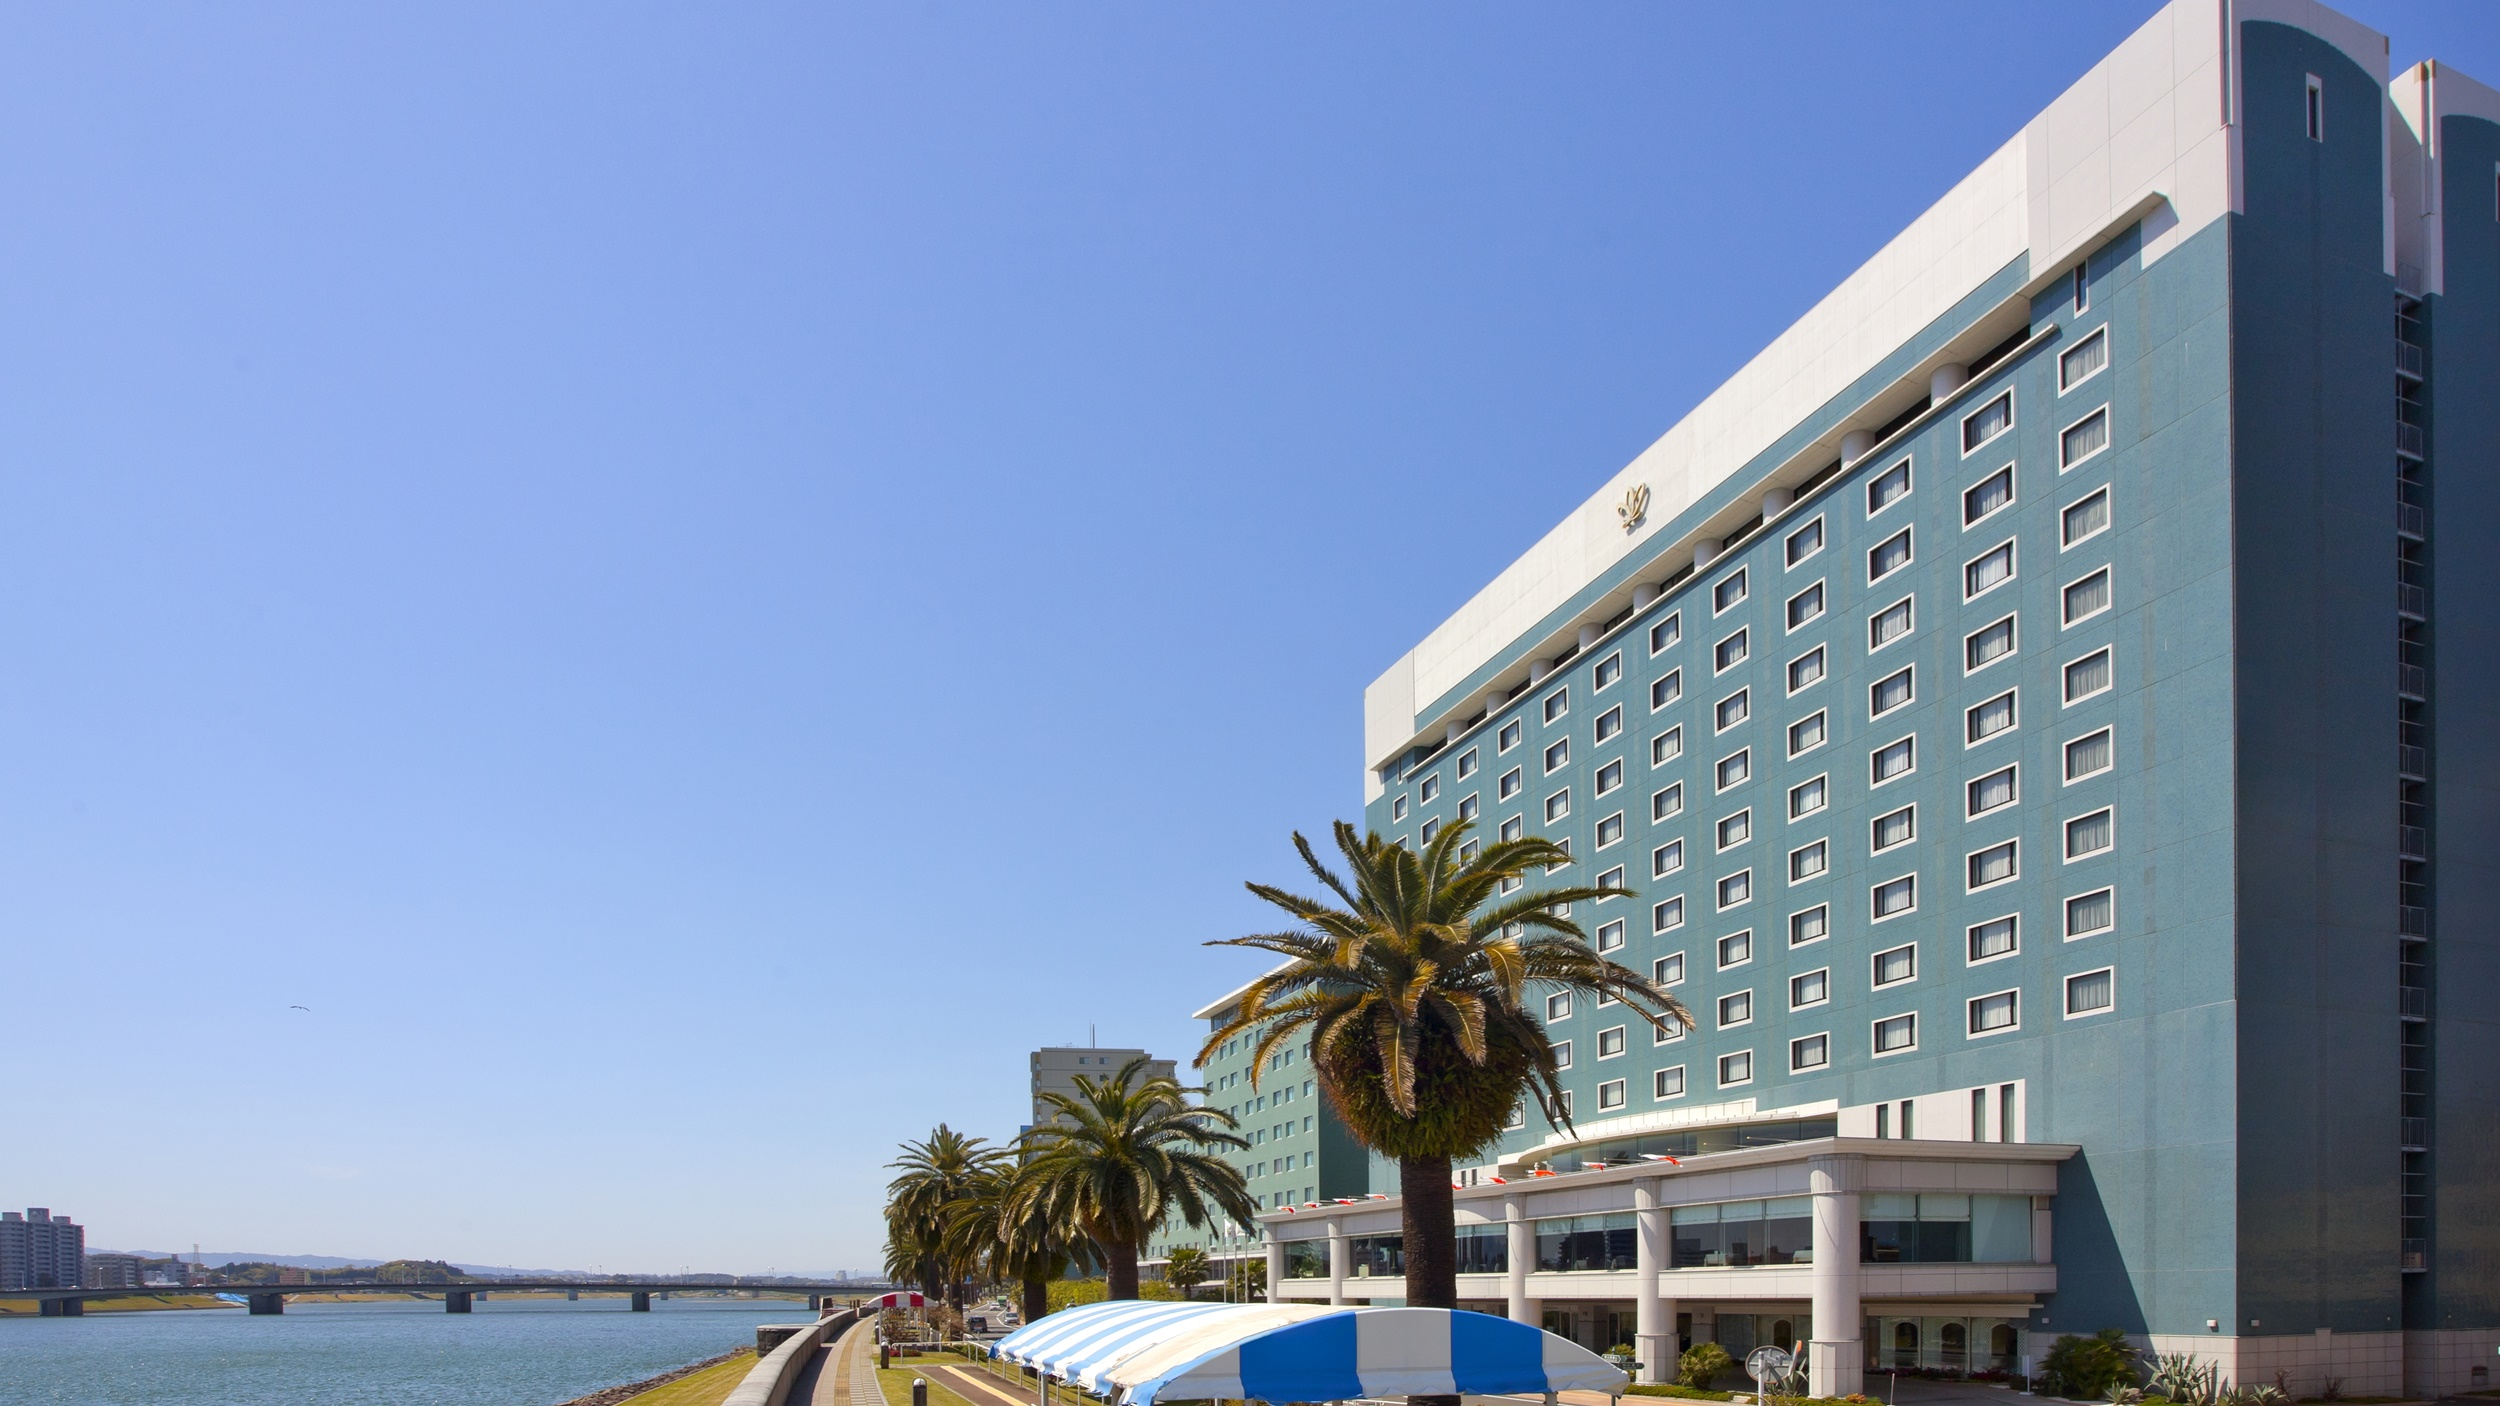 たまゆら温泉 宮崎観光ホテル